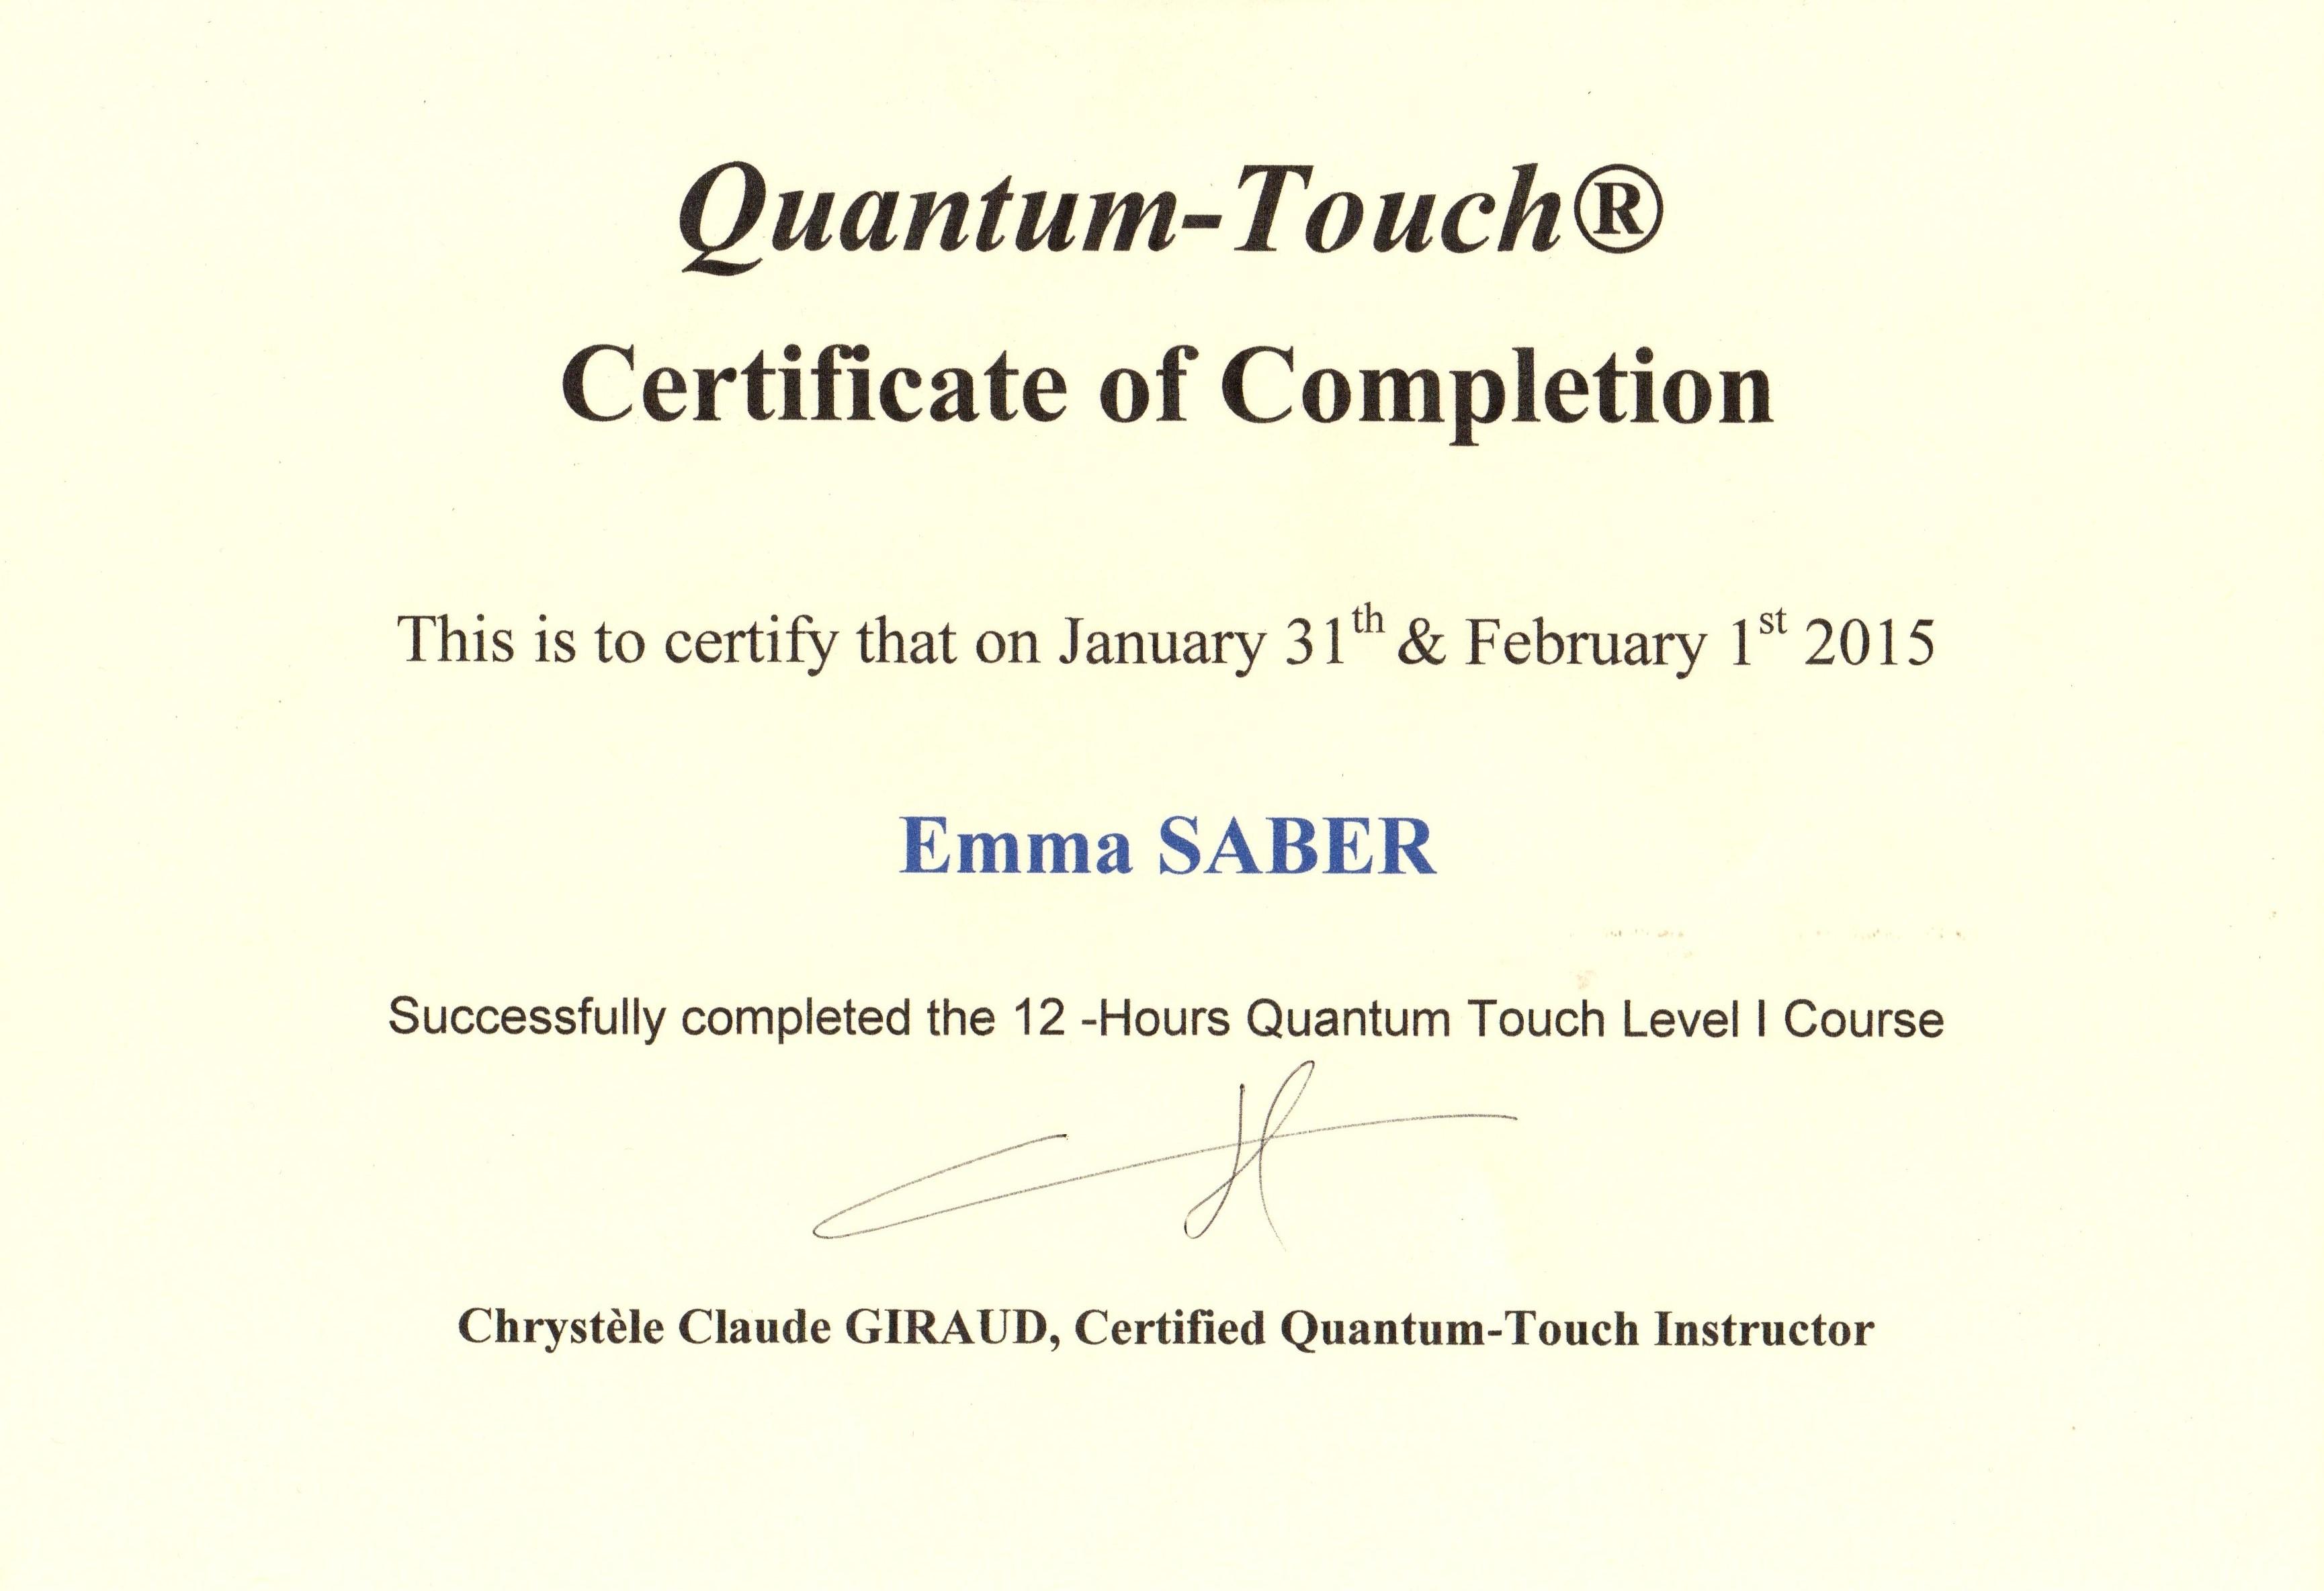 certificat-quantum-touch